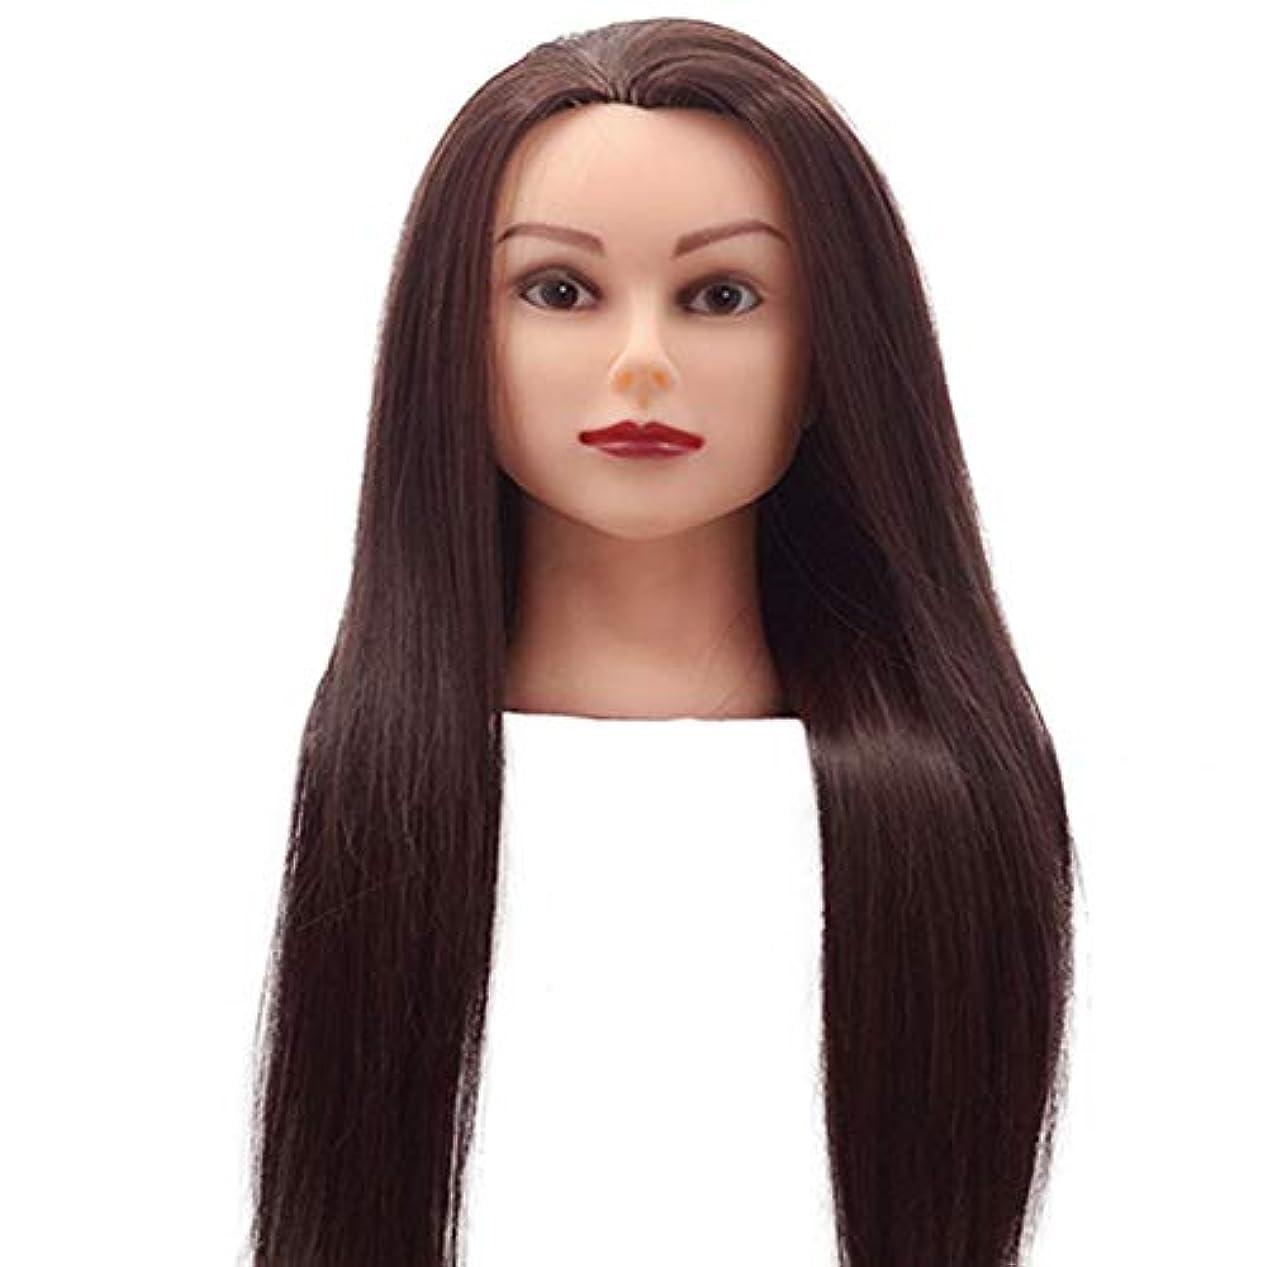 教動揺させるポンド理髪モデルヘッド花嫁の髪編組三つ編み学習ヘッドモデル理髪店美容散髪ダミーエクササイズヘッド